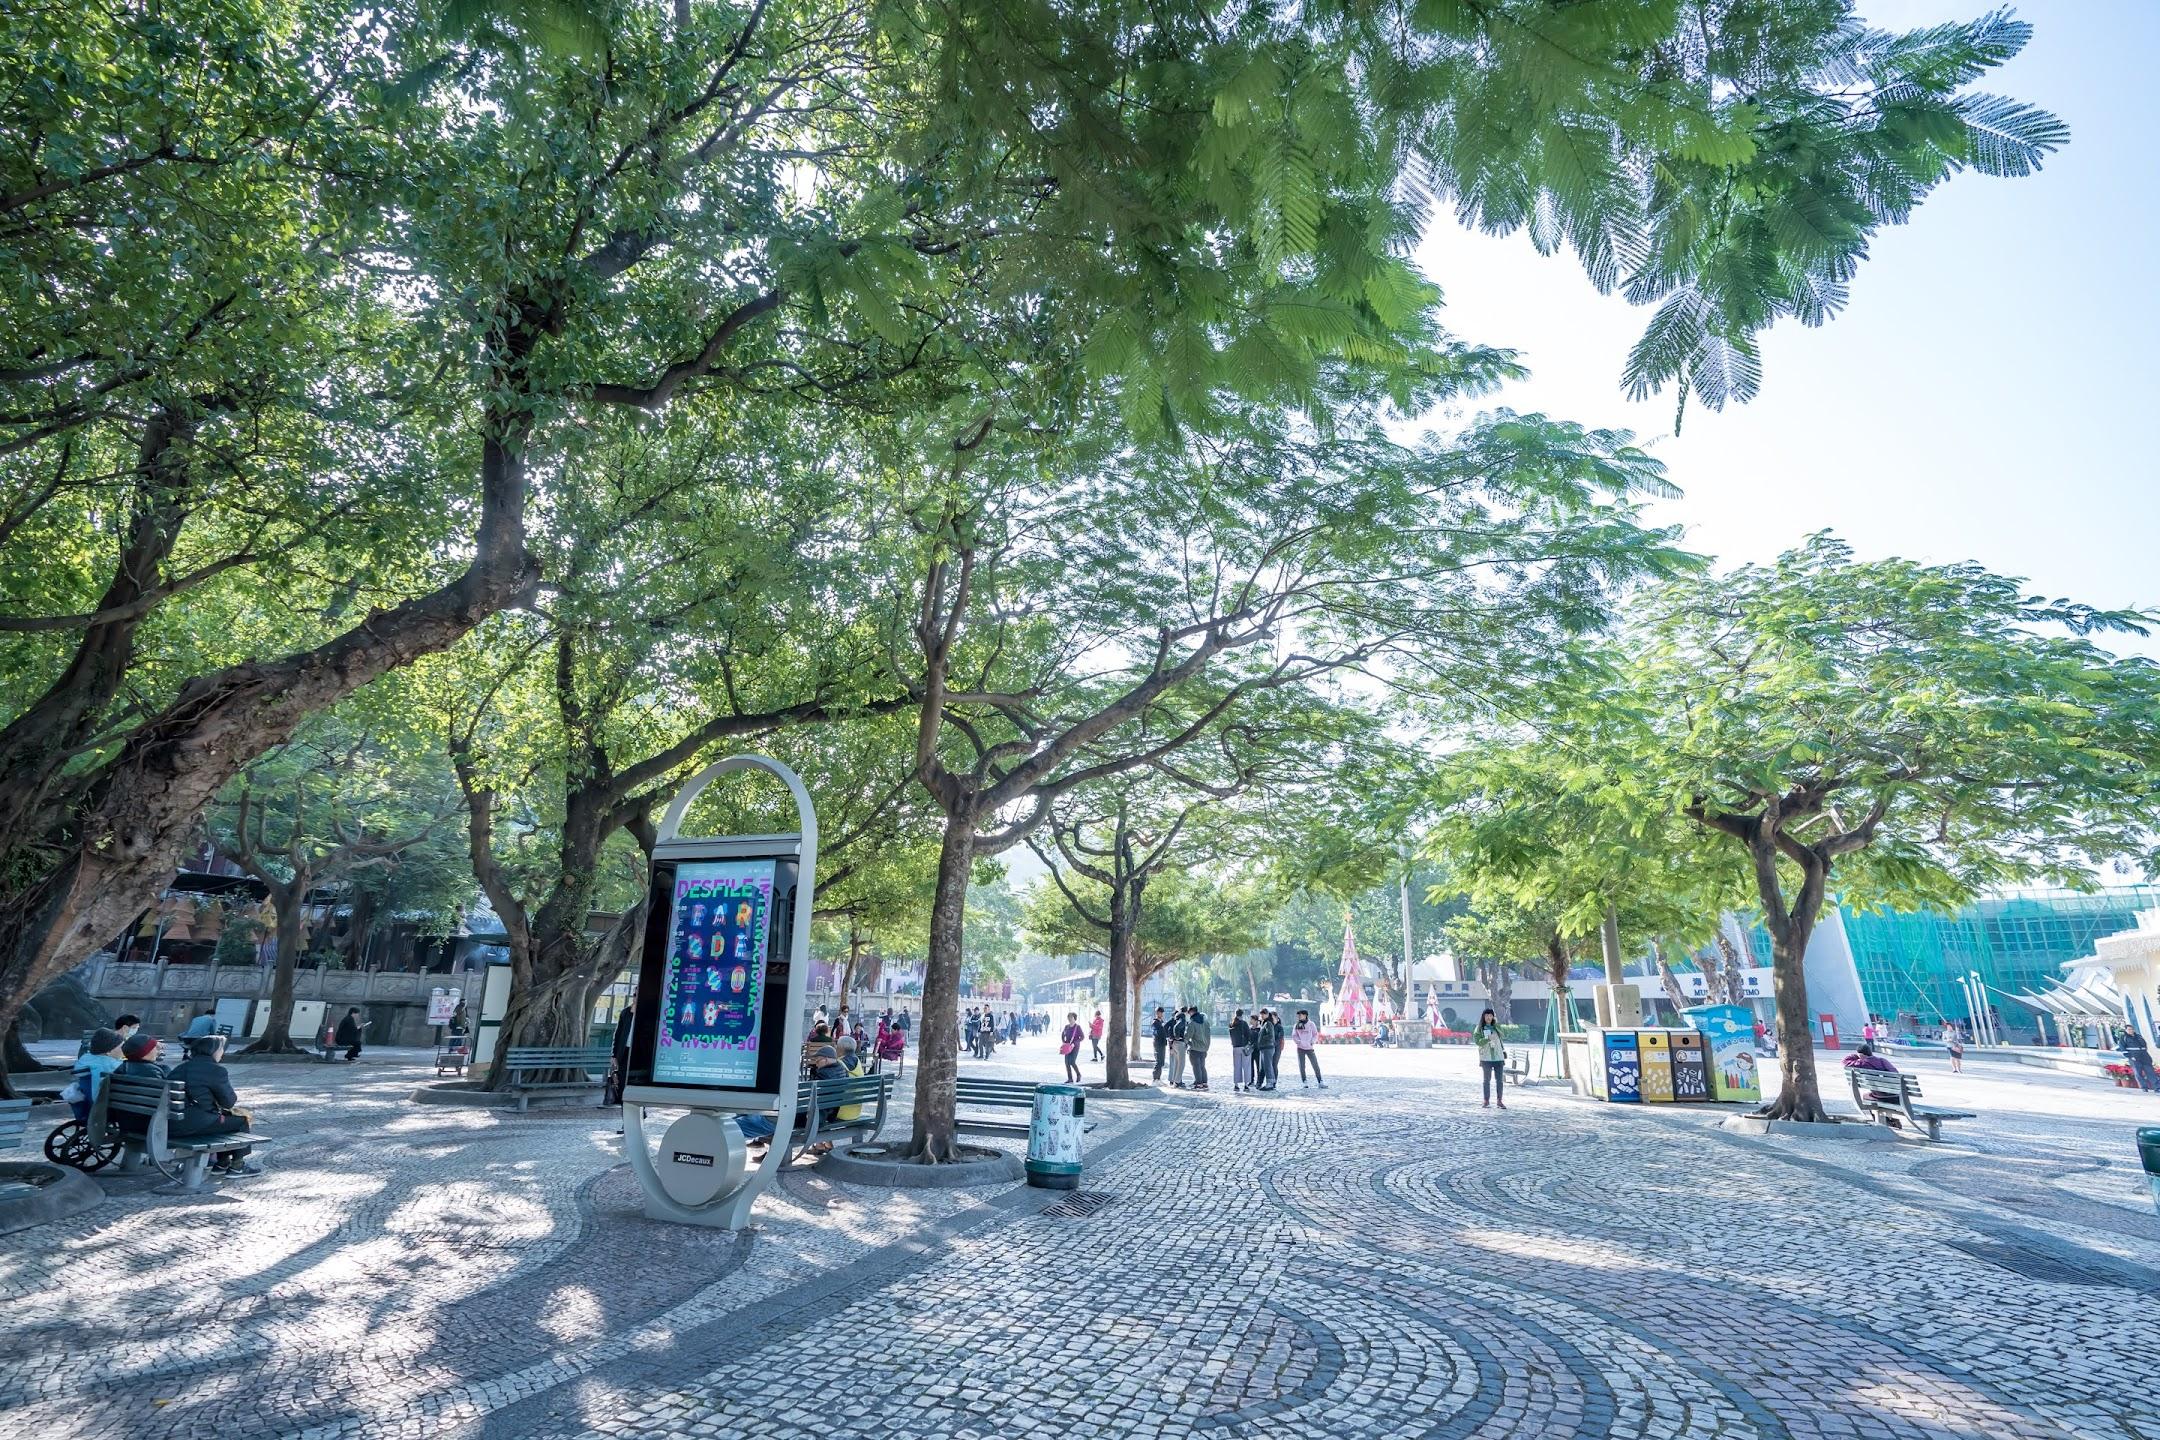 マカオ バラ広場(Barra Square/媽閣廟前地/Rua da Barra)1